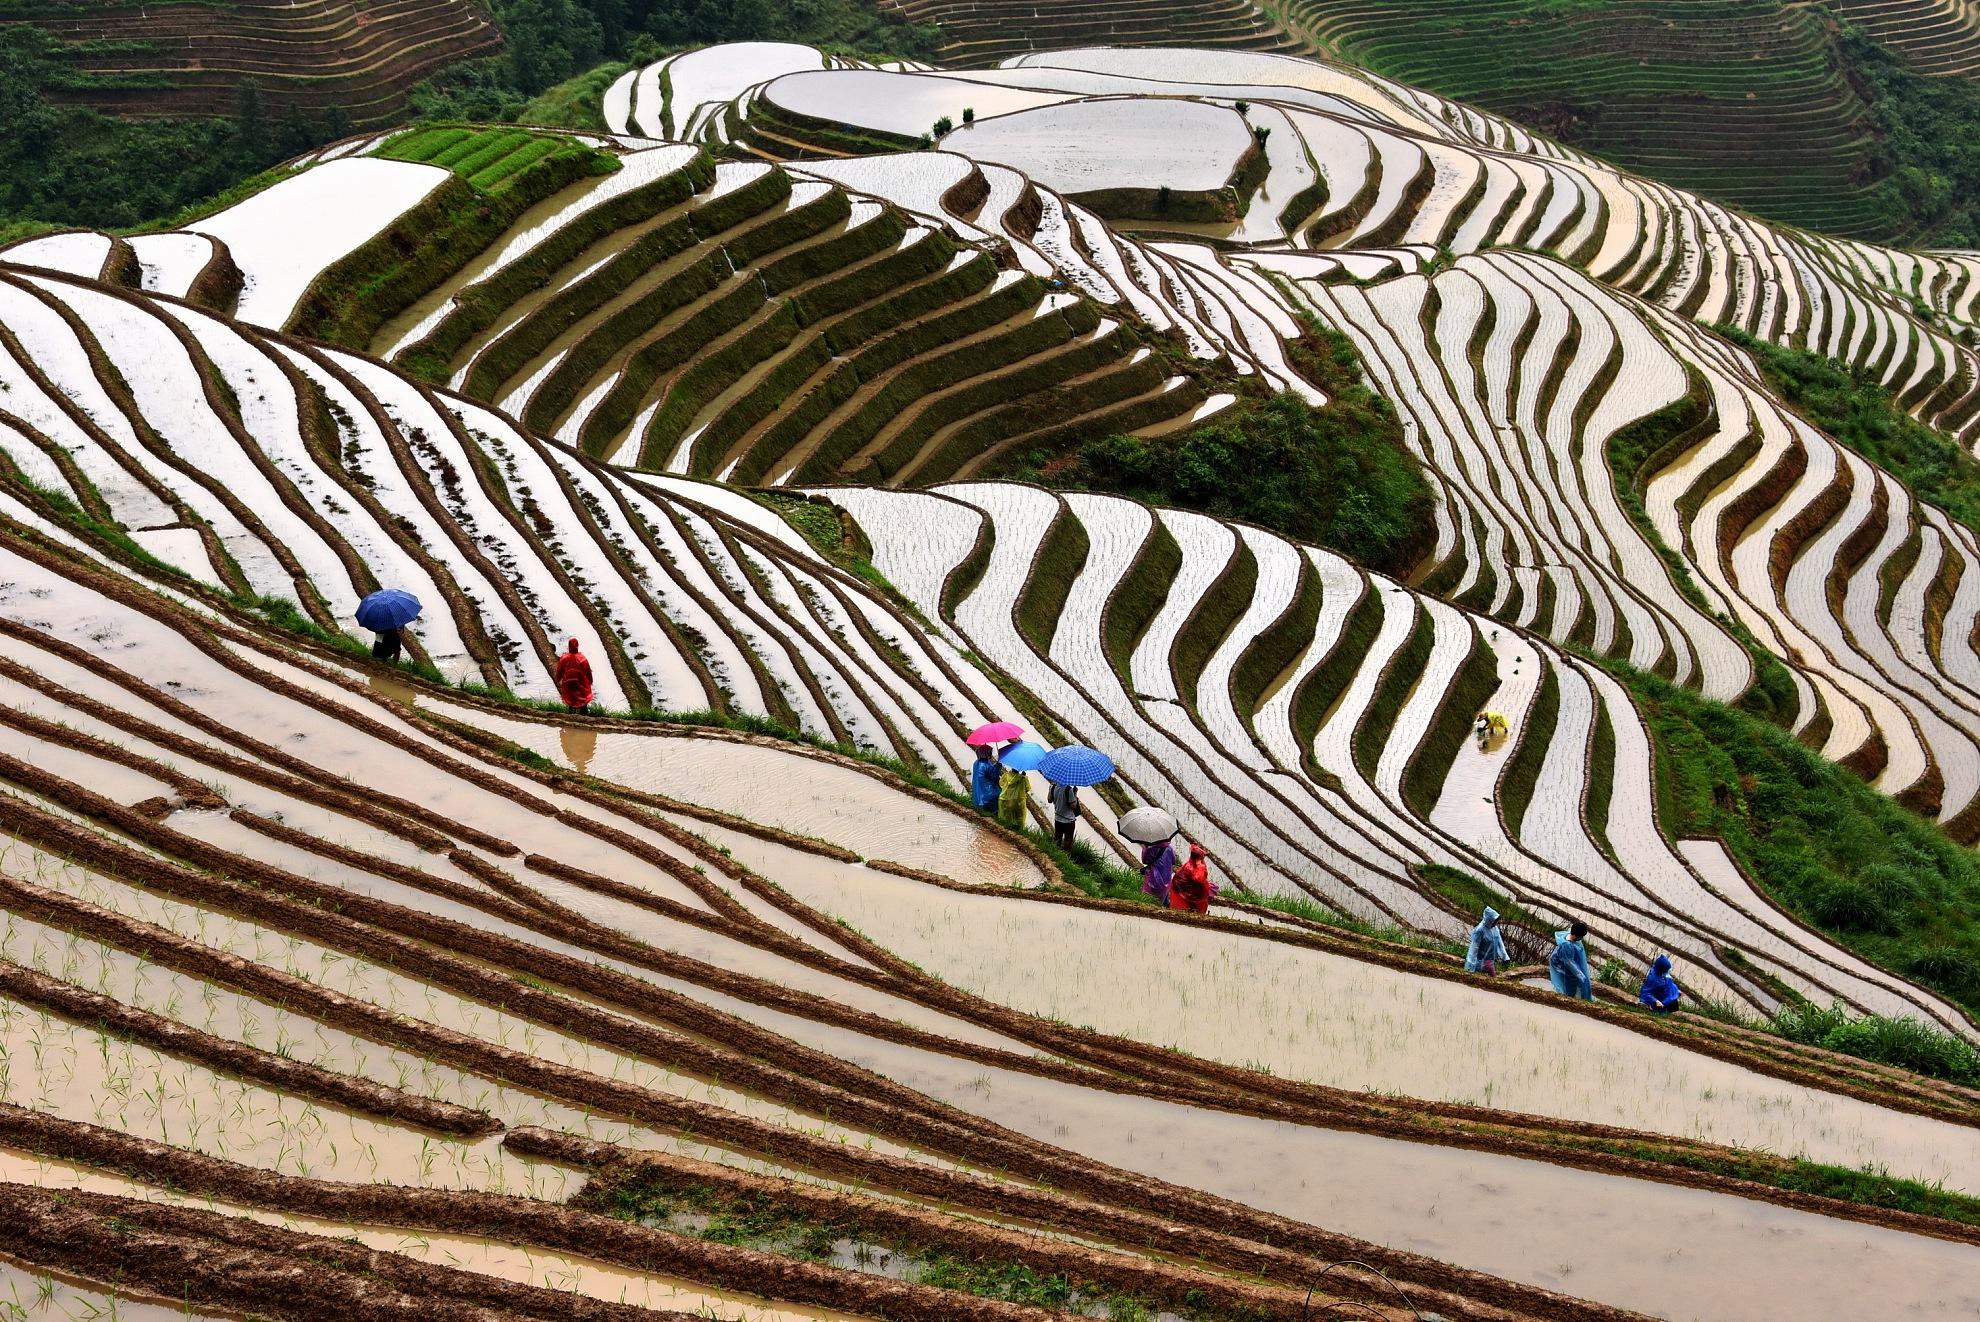 桂林、漓江、龙脊、古东、世外、阳朔巴士5日当地游攀爬古东瀑布 穿越世外桃源